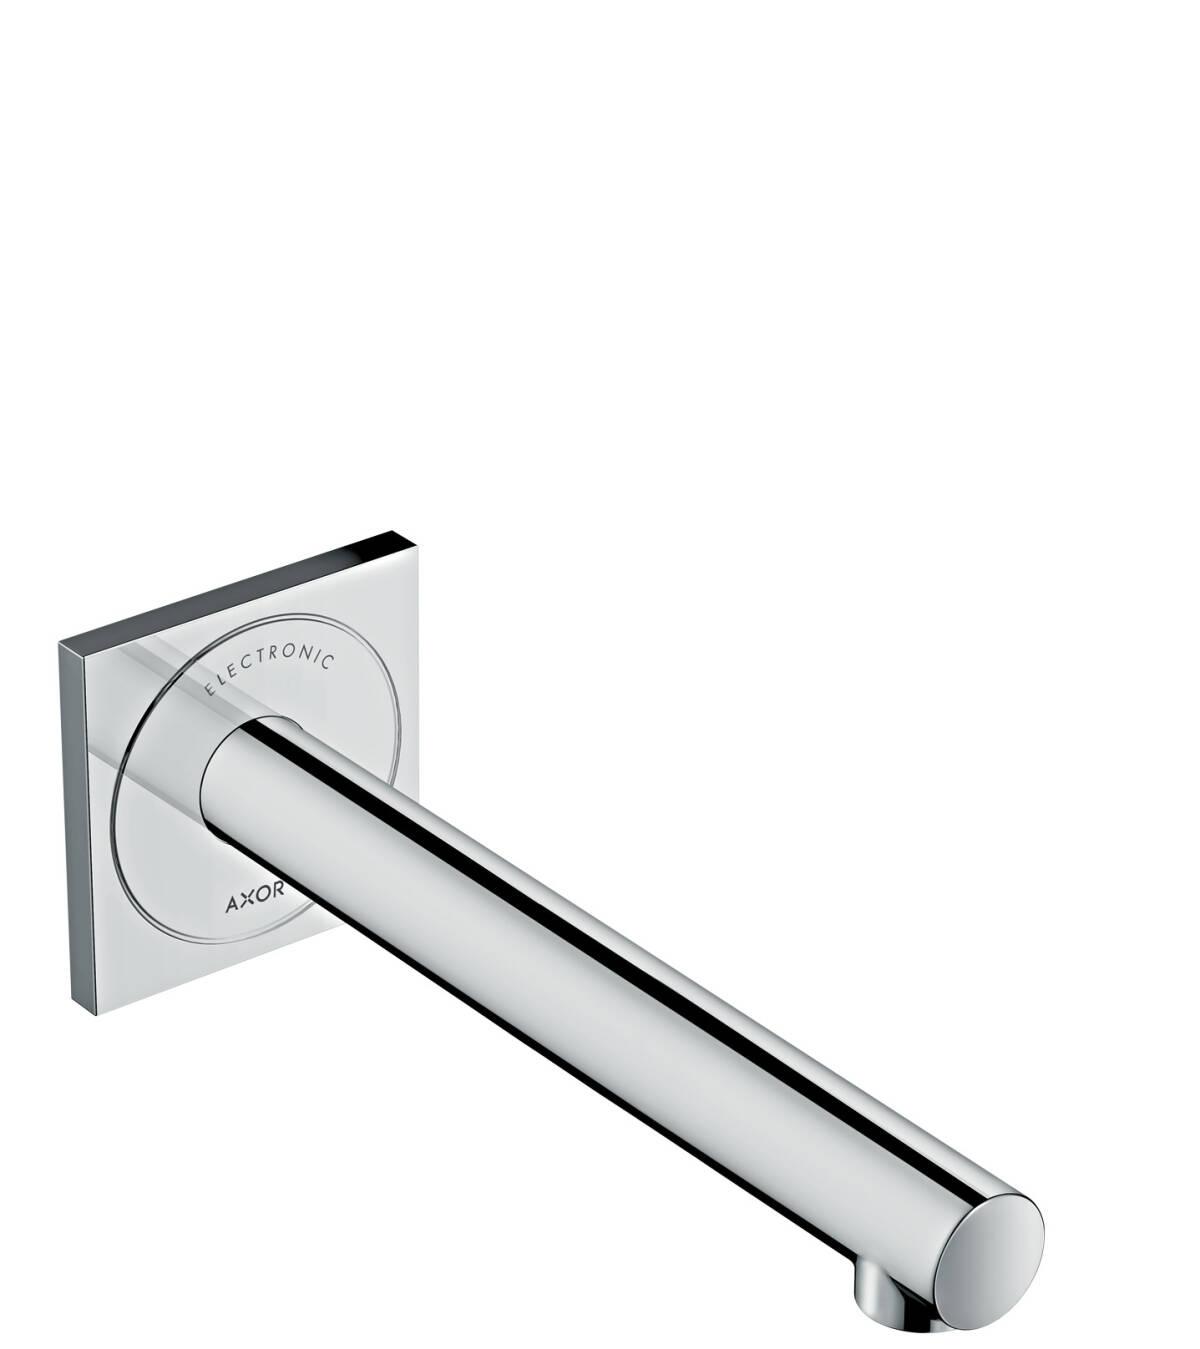 Elektronik-Waschtischmischer Unterputz für Wandmontage mit Auslauf 221 mm, Chrom, 45111000